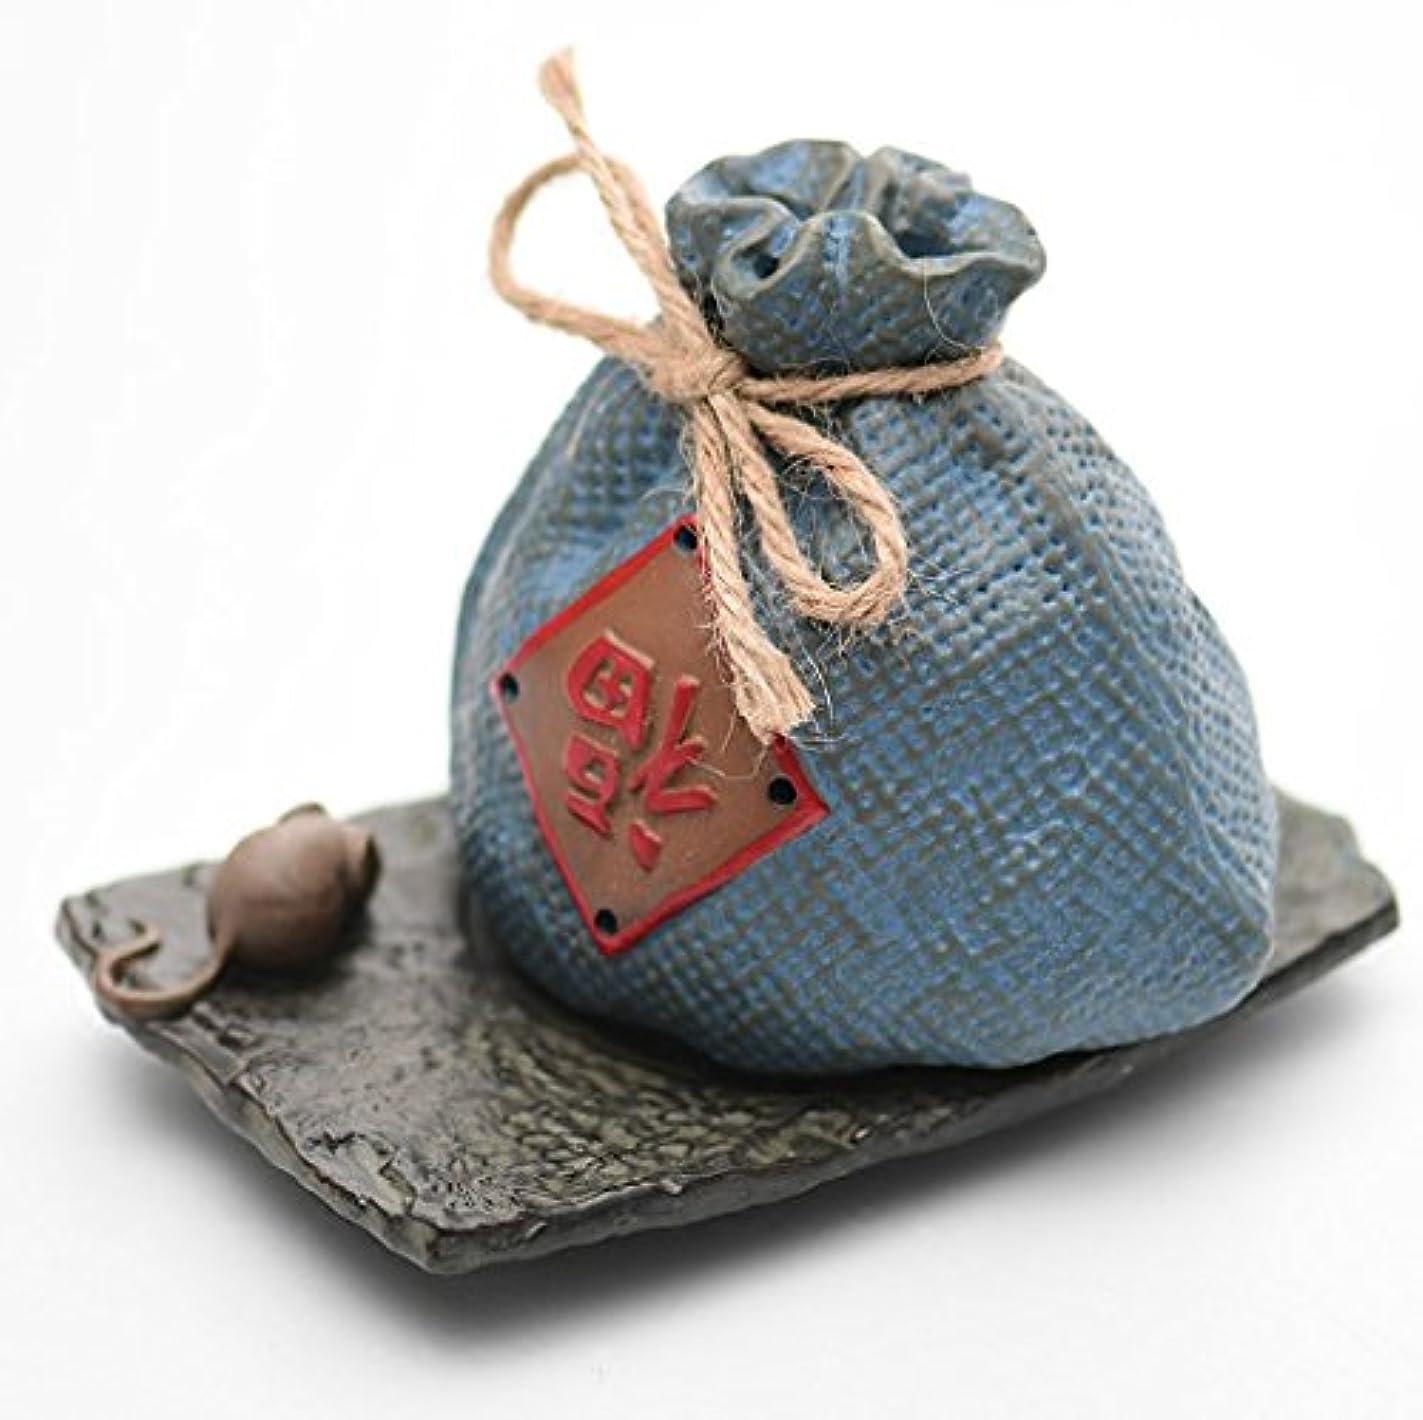 メルボルンカレッジプラスチック(ラシューバー) Lasuiveur 陶磁器 香炉 香立て 線香立て お香立て